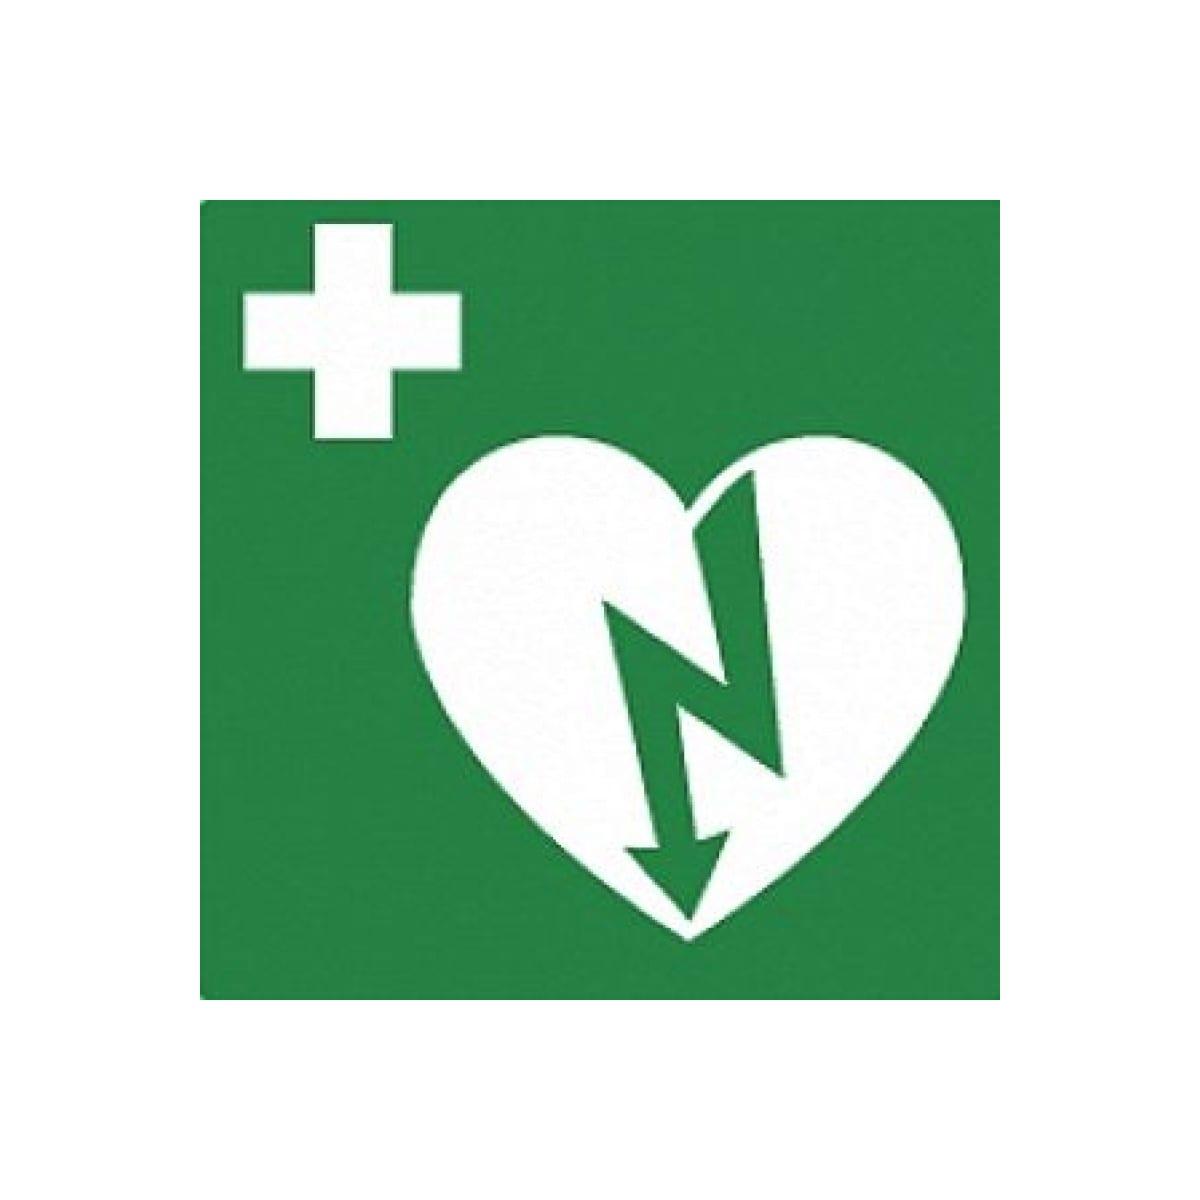 AED sticker reverse 15x15 - Janhofman.nl - 1